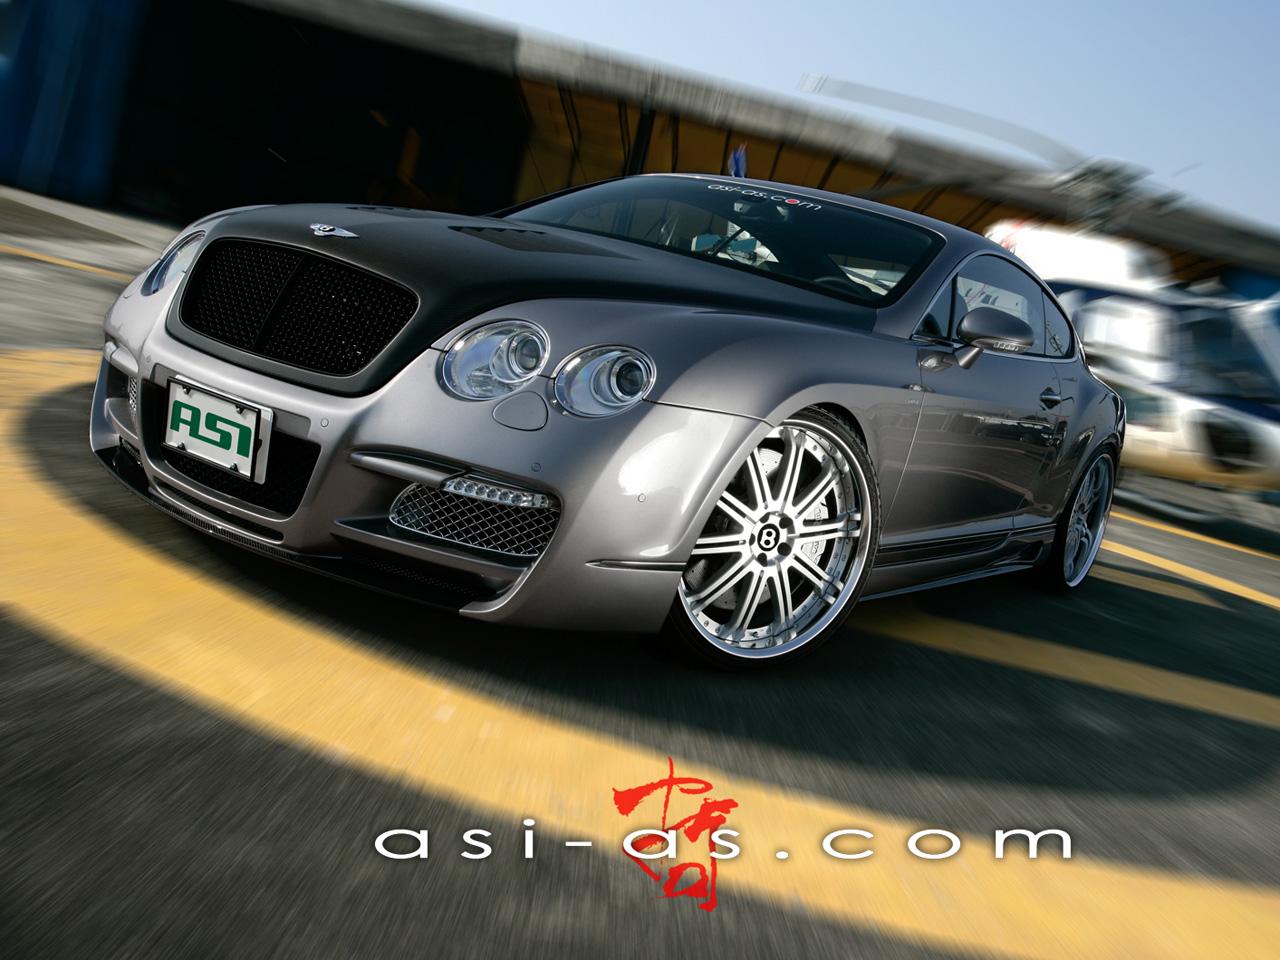 http://3.bp.blogspot.com/-aphbBhaSDbo/ToHcv1cA-vI/AAAAAAAAAfo/Oj1nZGi91TY/s1600/bentley-29-702017.jpg